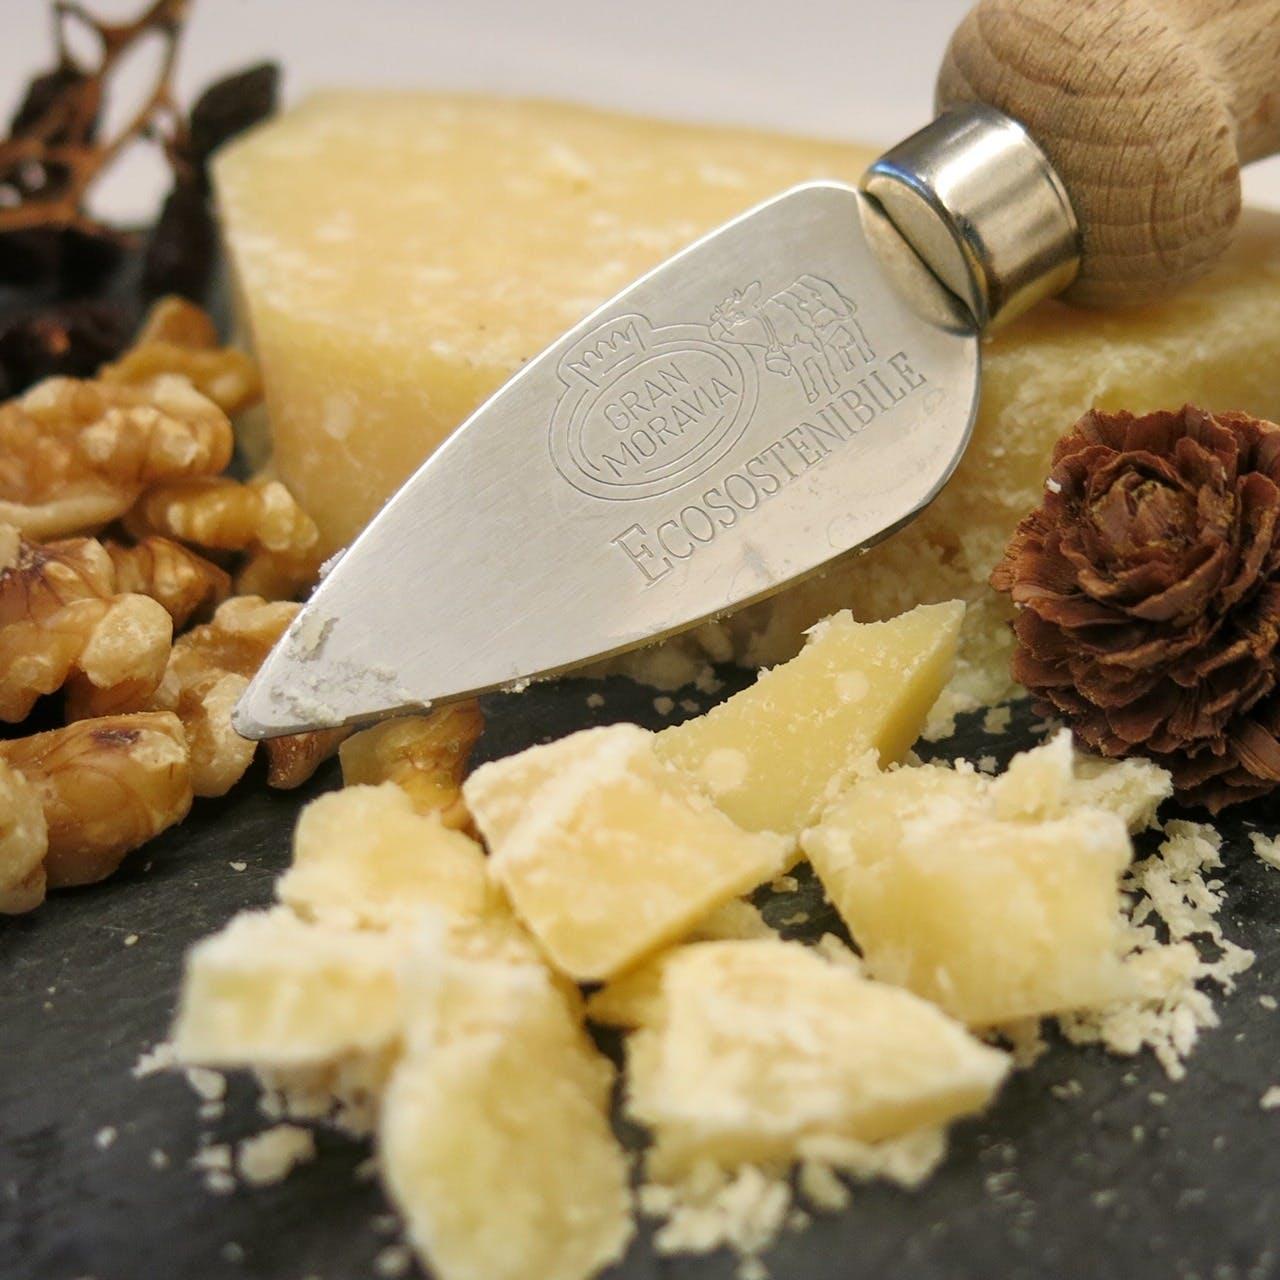 チーズプロフェッショナルが厳選する世界中のチーズをワインと共に